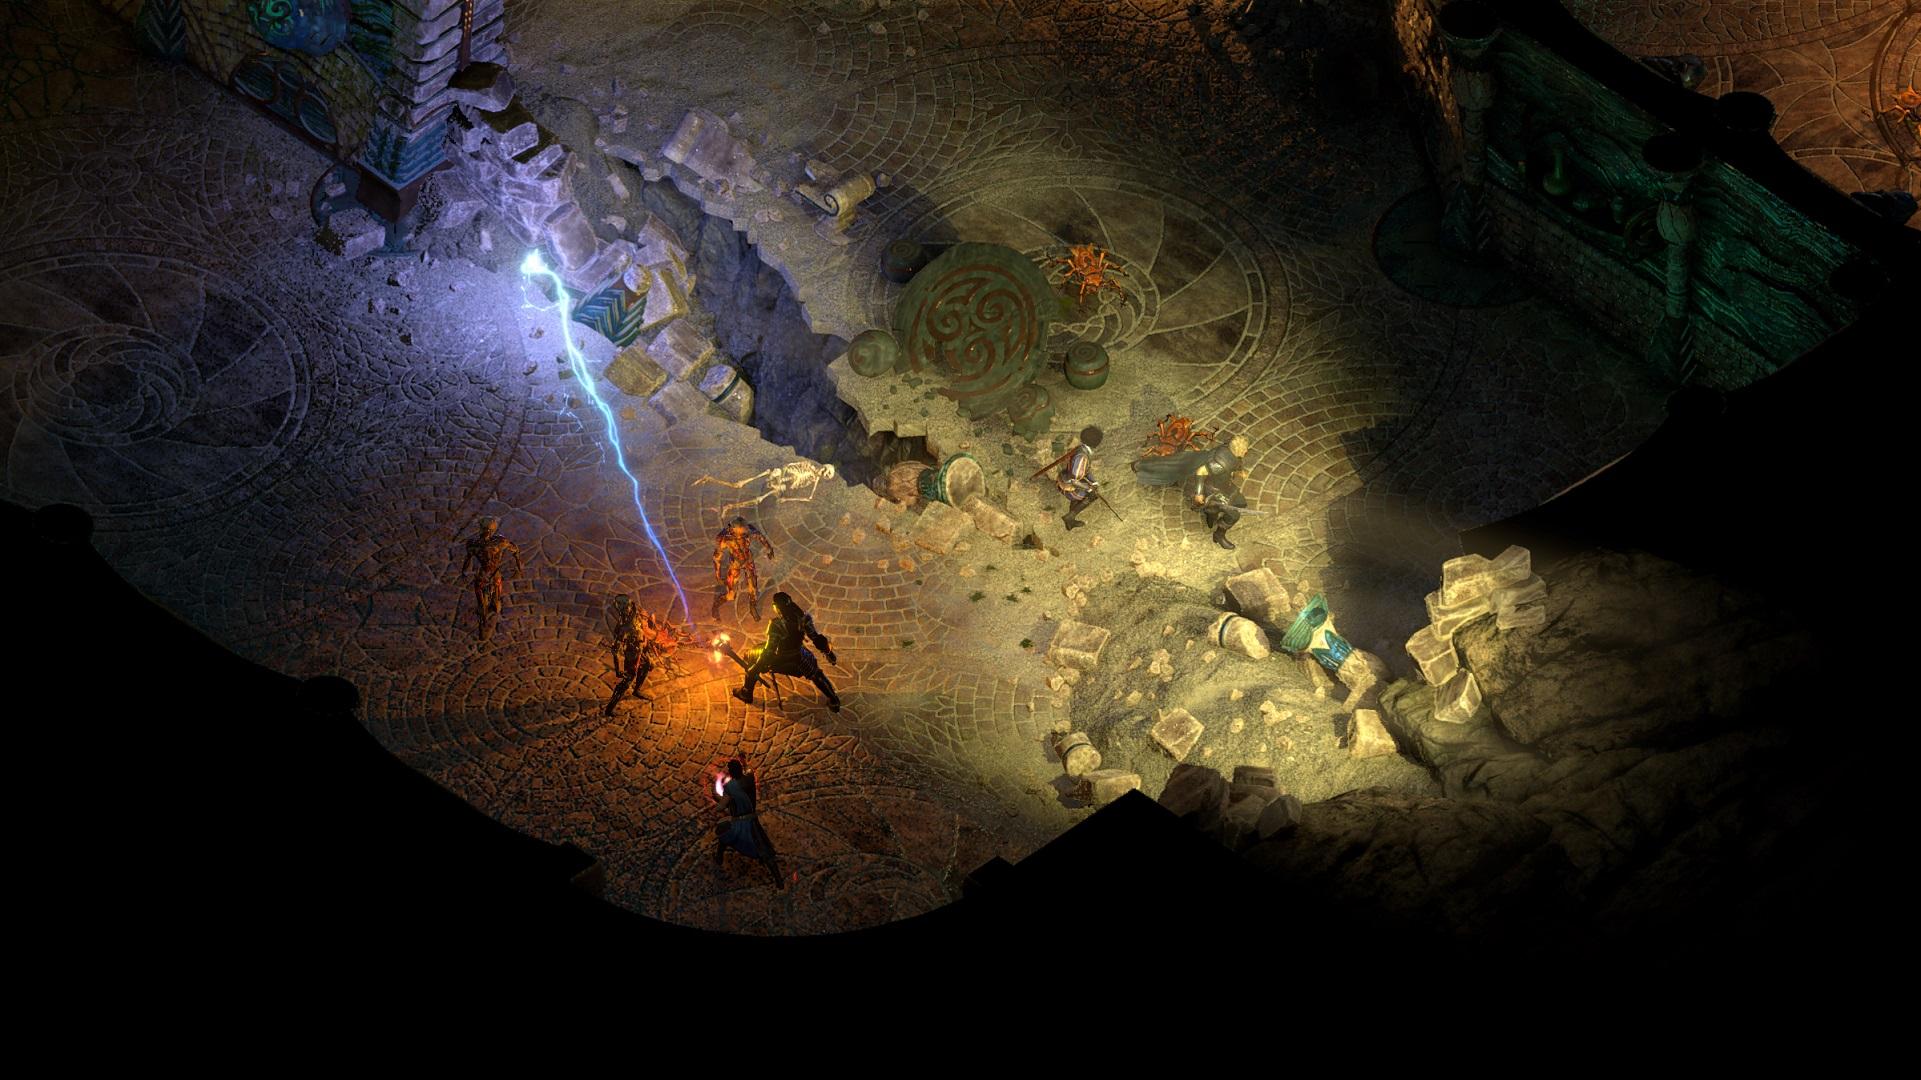 Obsidian chystají Pillars of Eternity 2: Deadfire 137425